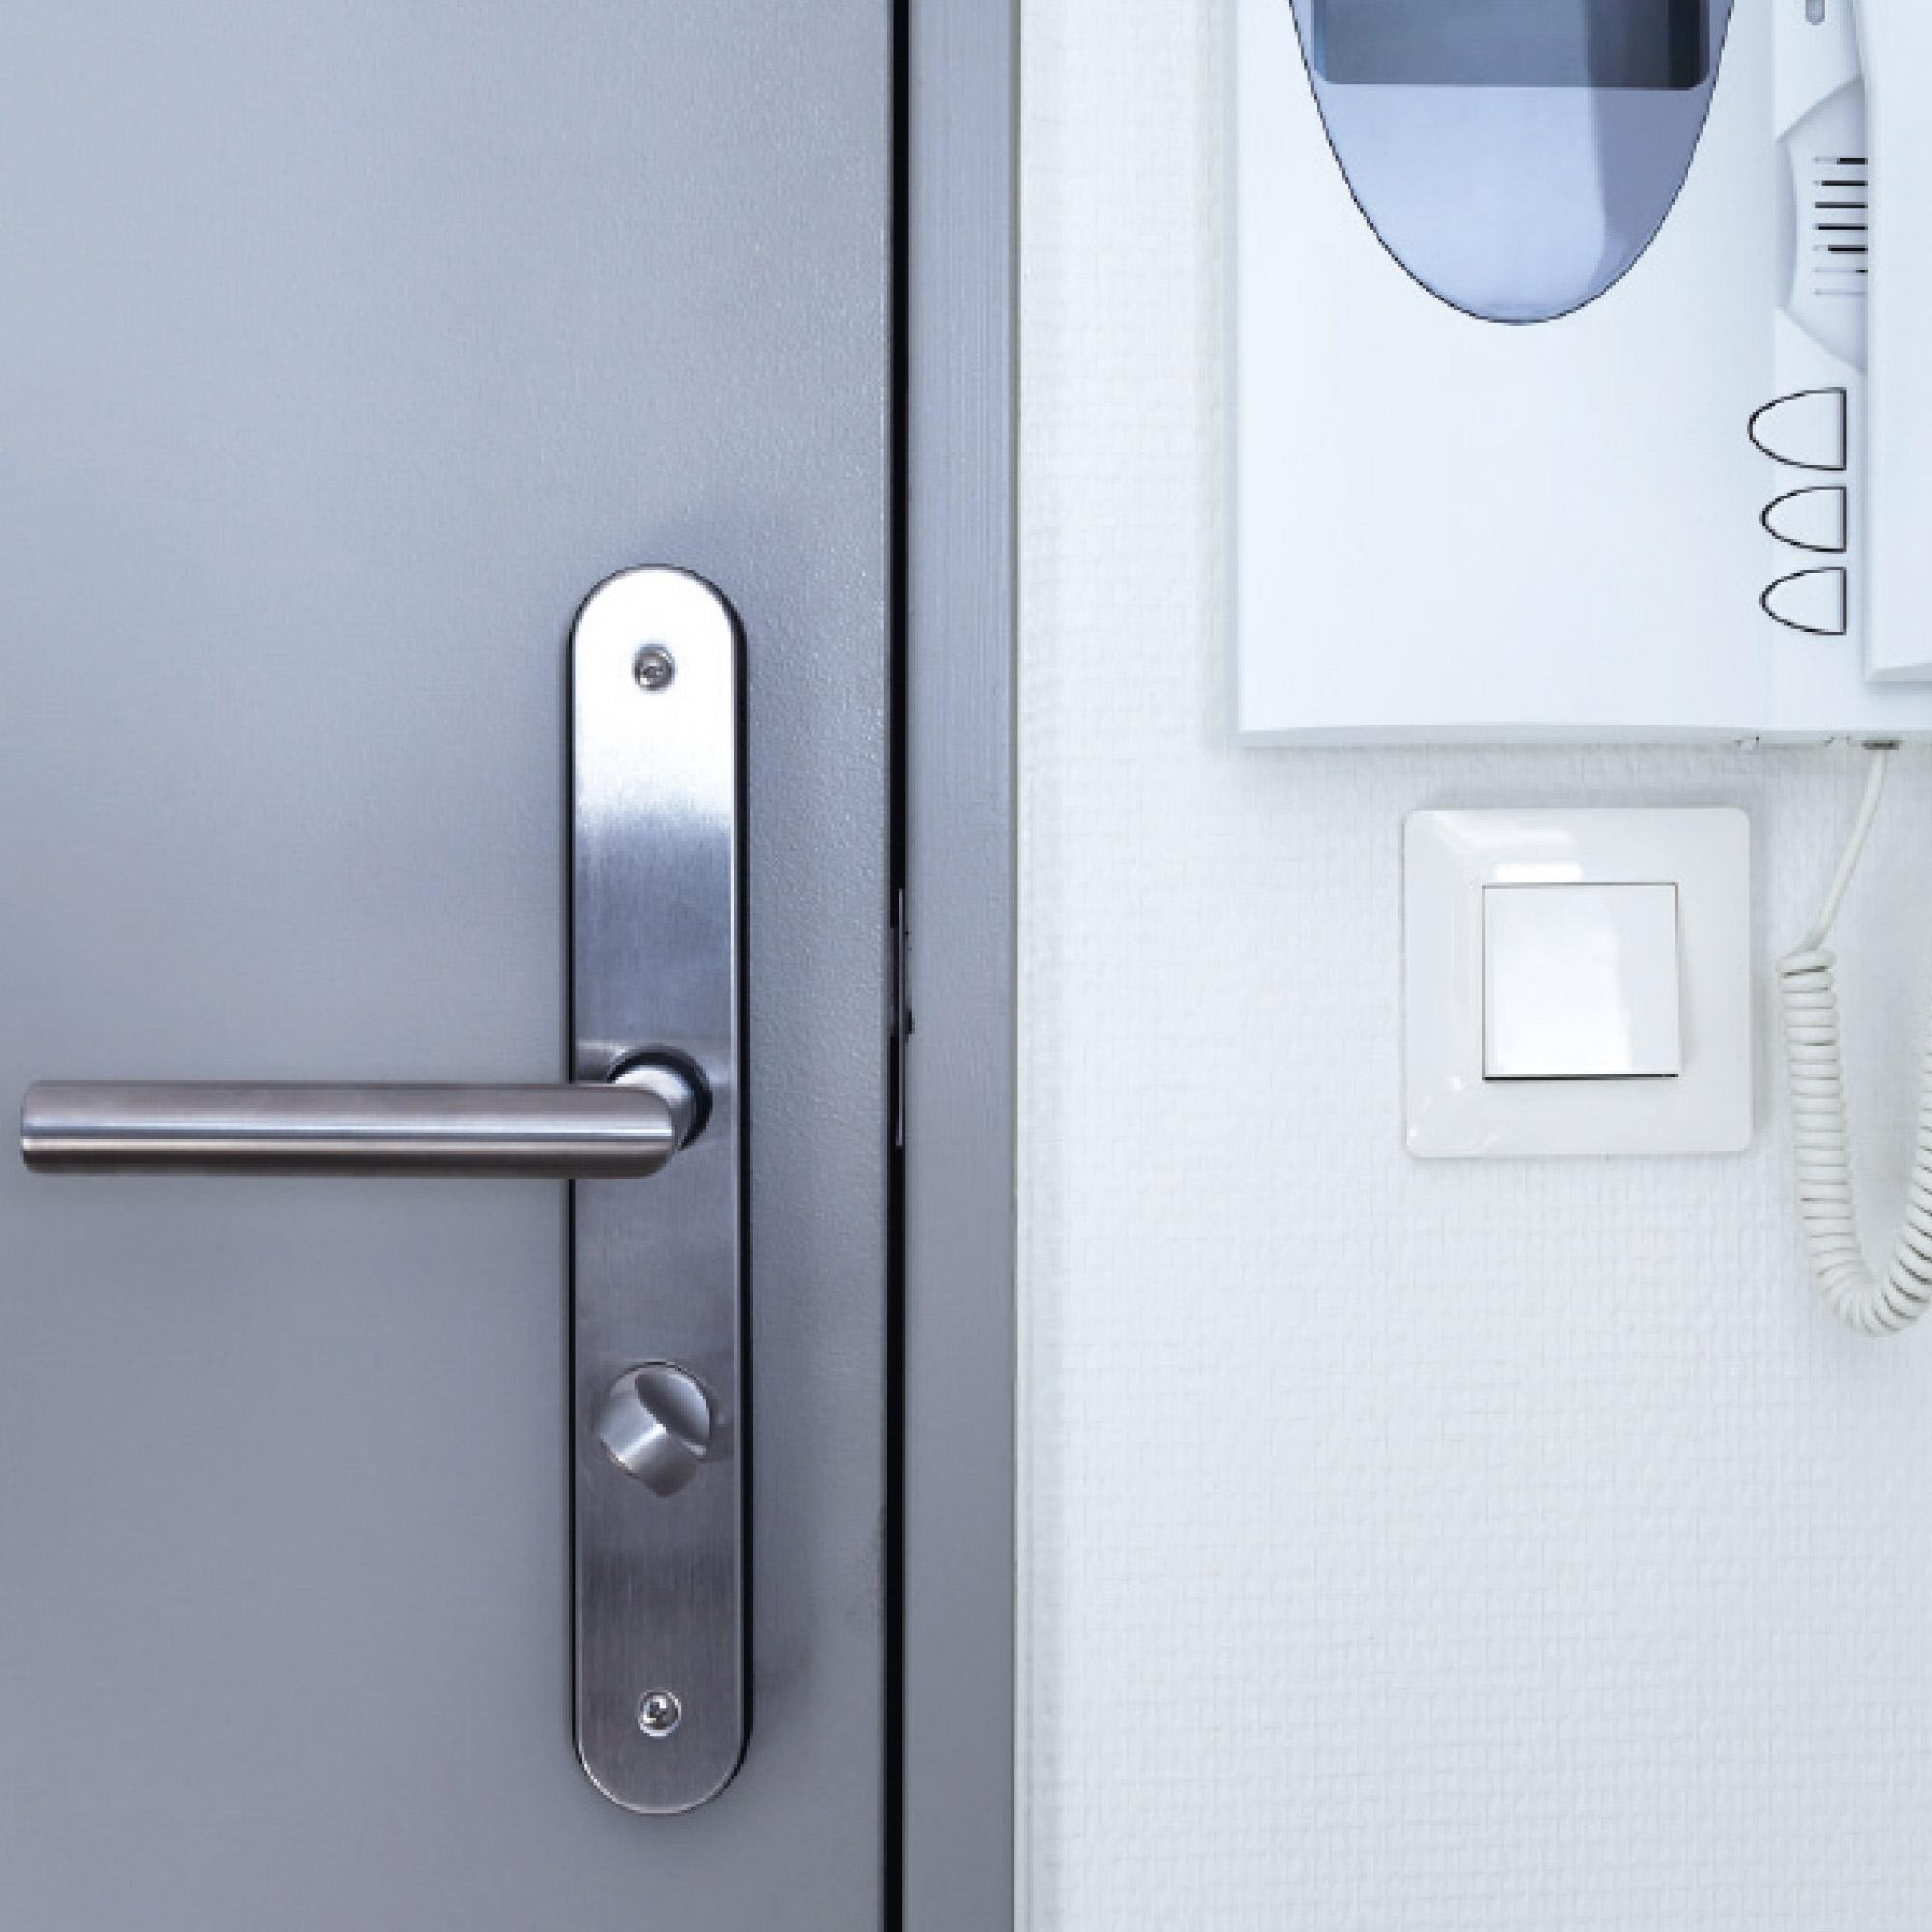 Tür mit Schließanlage und integrierter Sprechanlage in jedem Apartment der Wohnanlage studiosus 5 in Augsburg